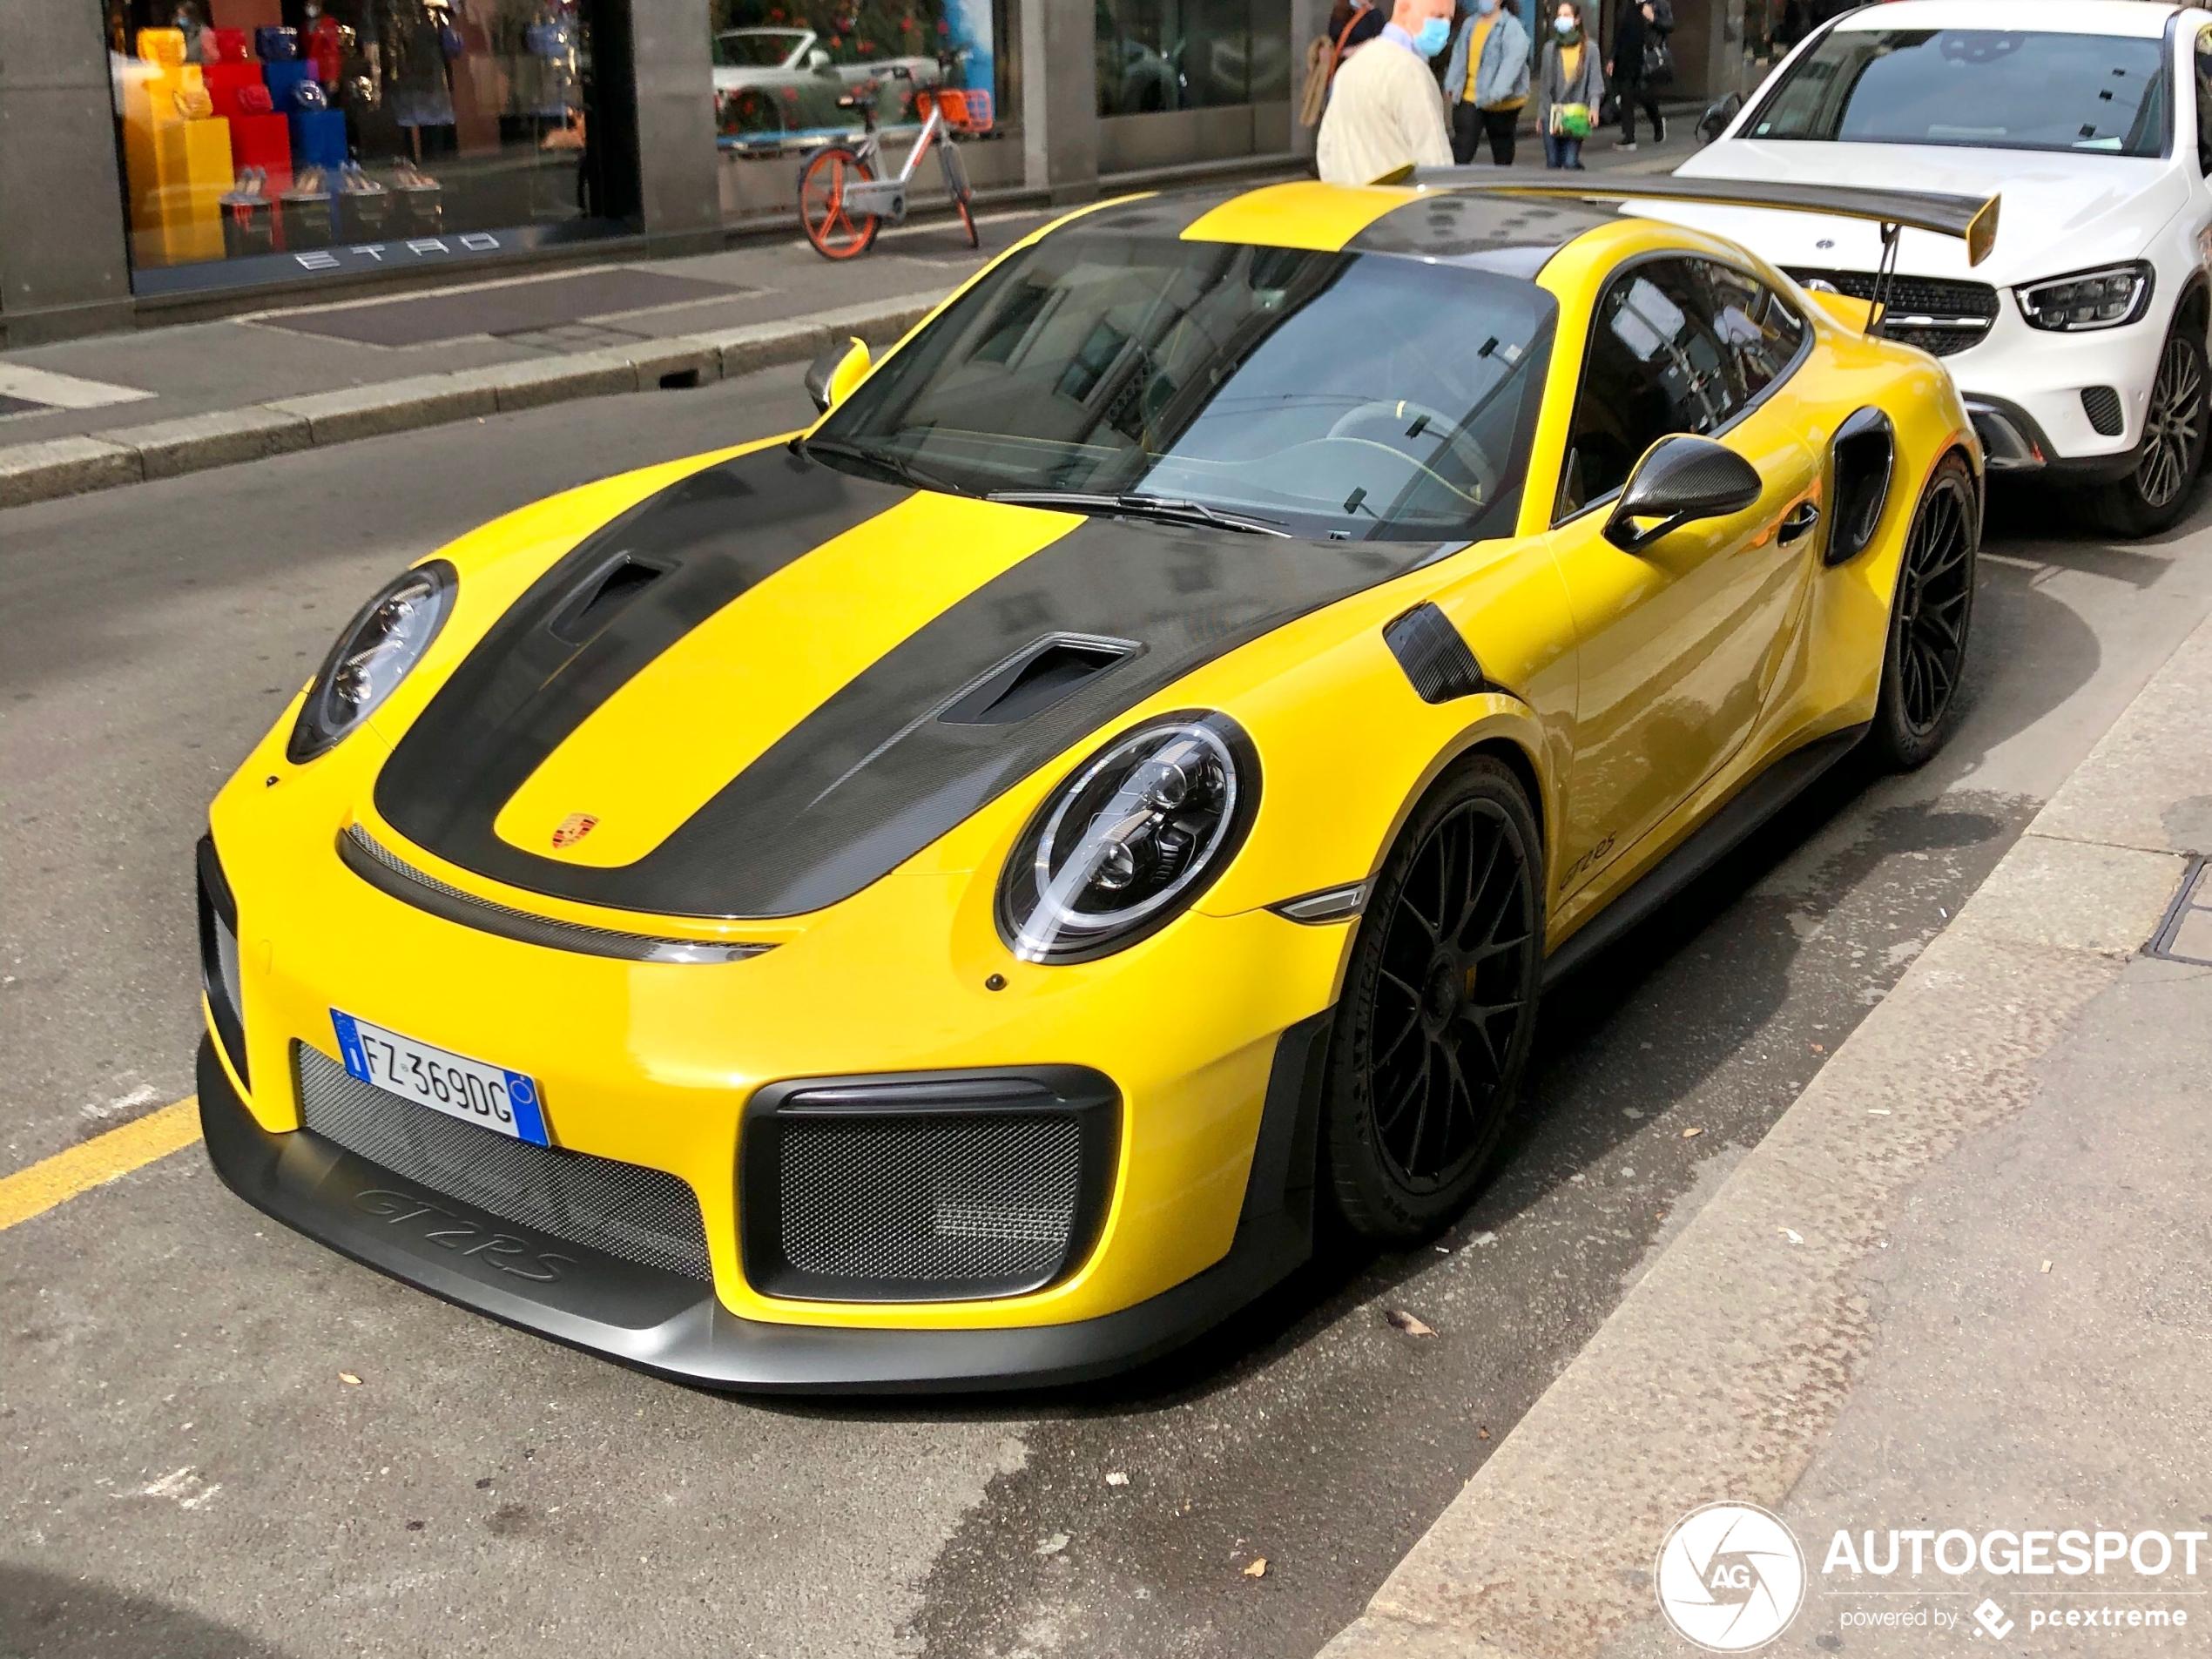 Porsche 997 GT2 RS - 13 juni 2015 - Autogespot